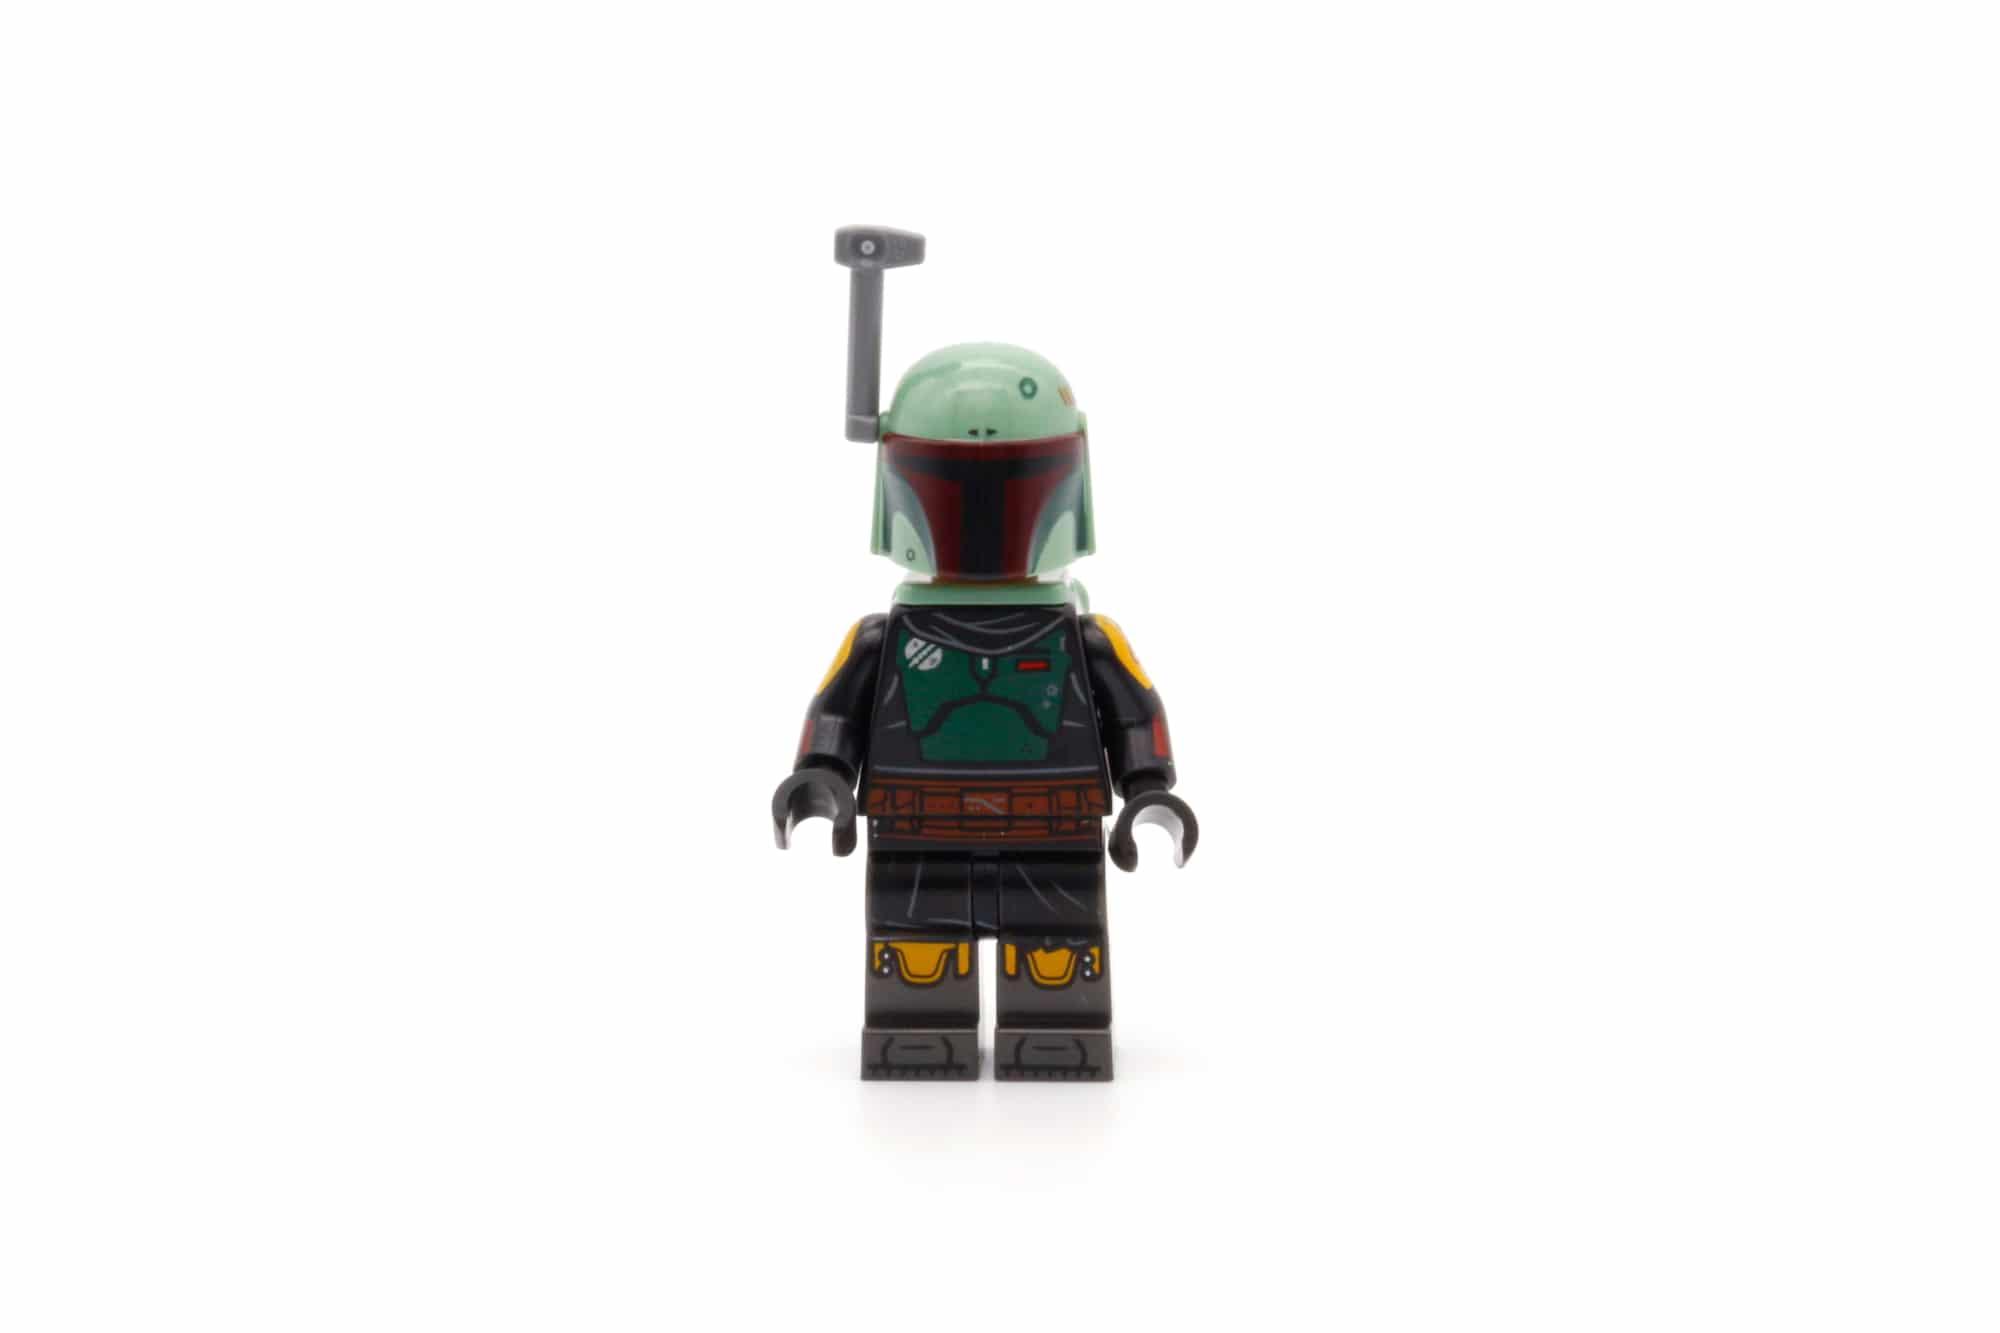 LEGO Star Wars 75312 Boba Fetts Starship 36